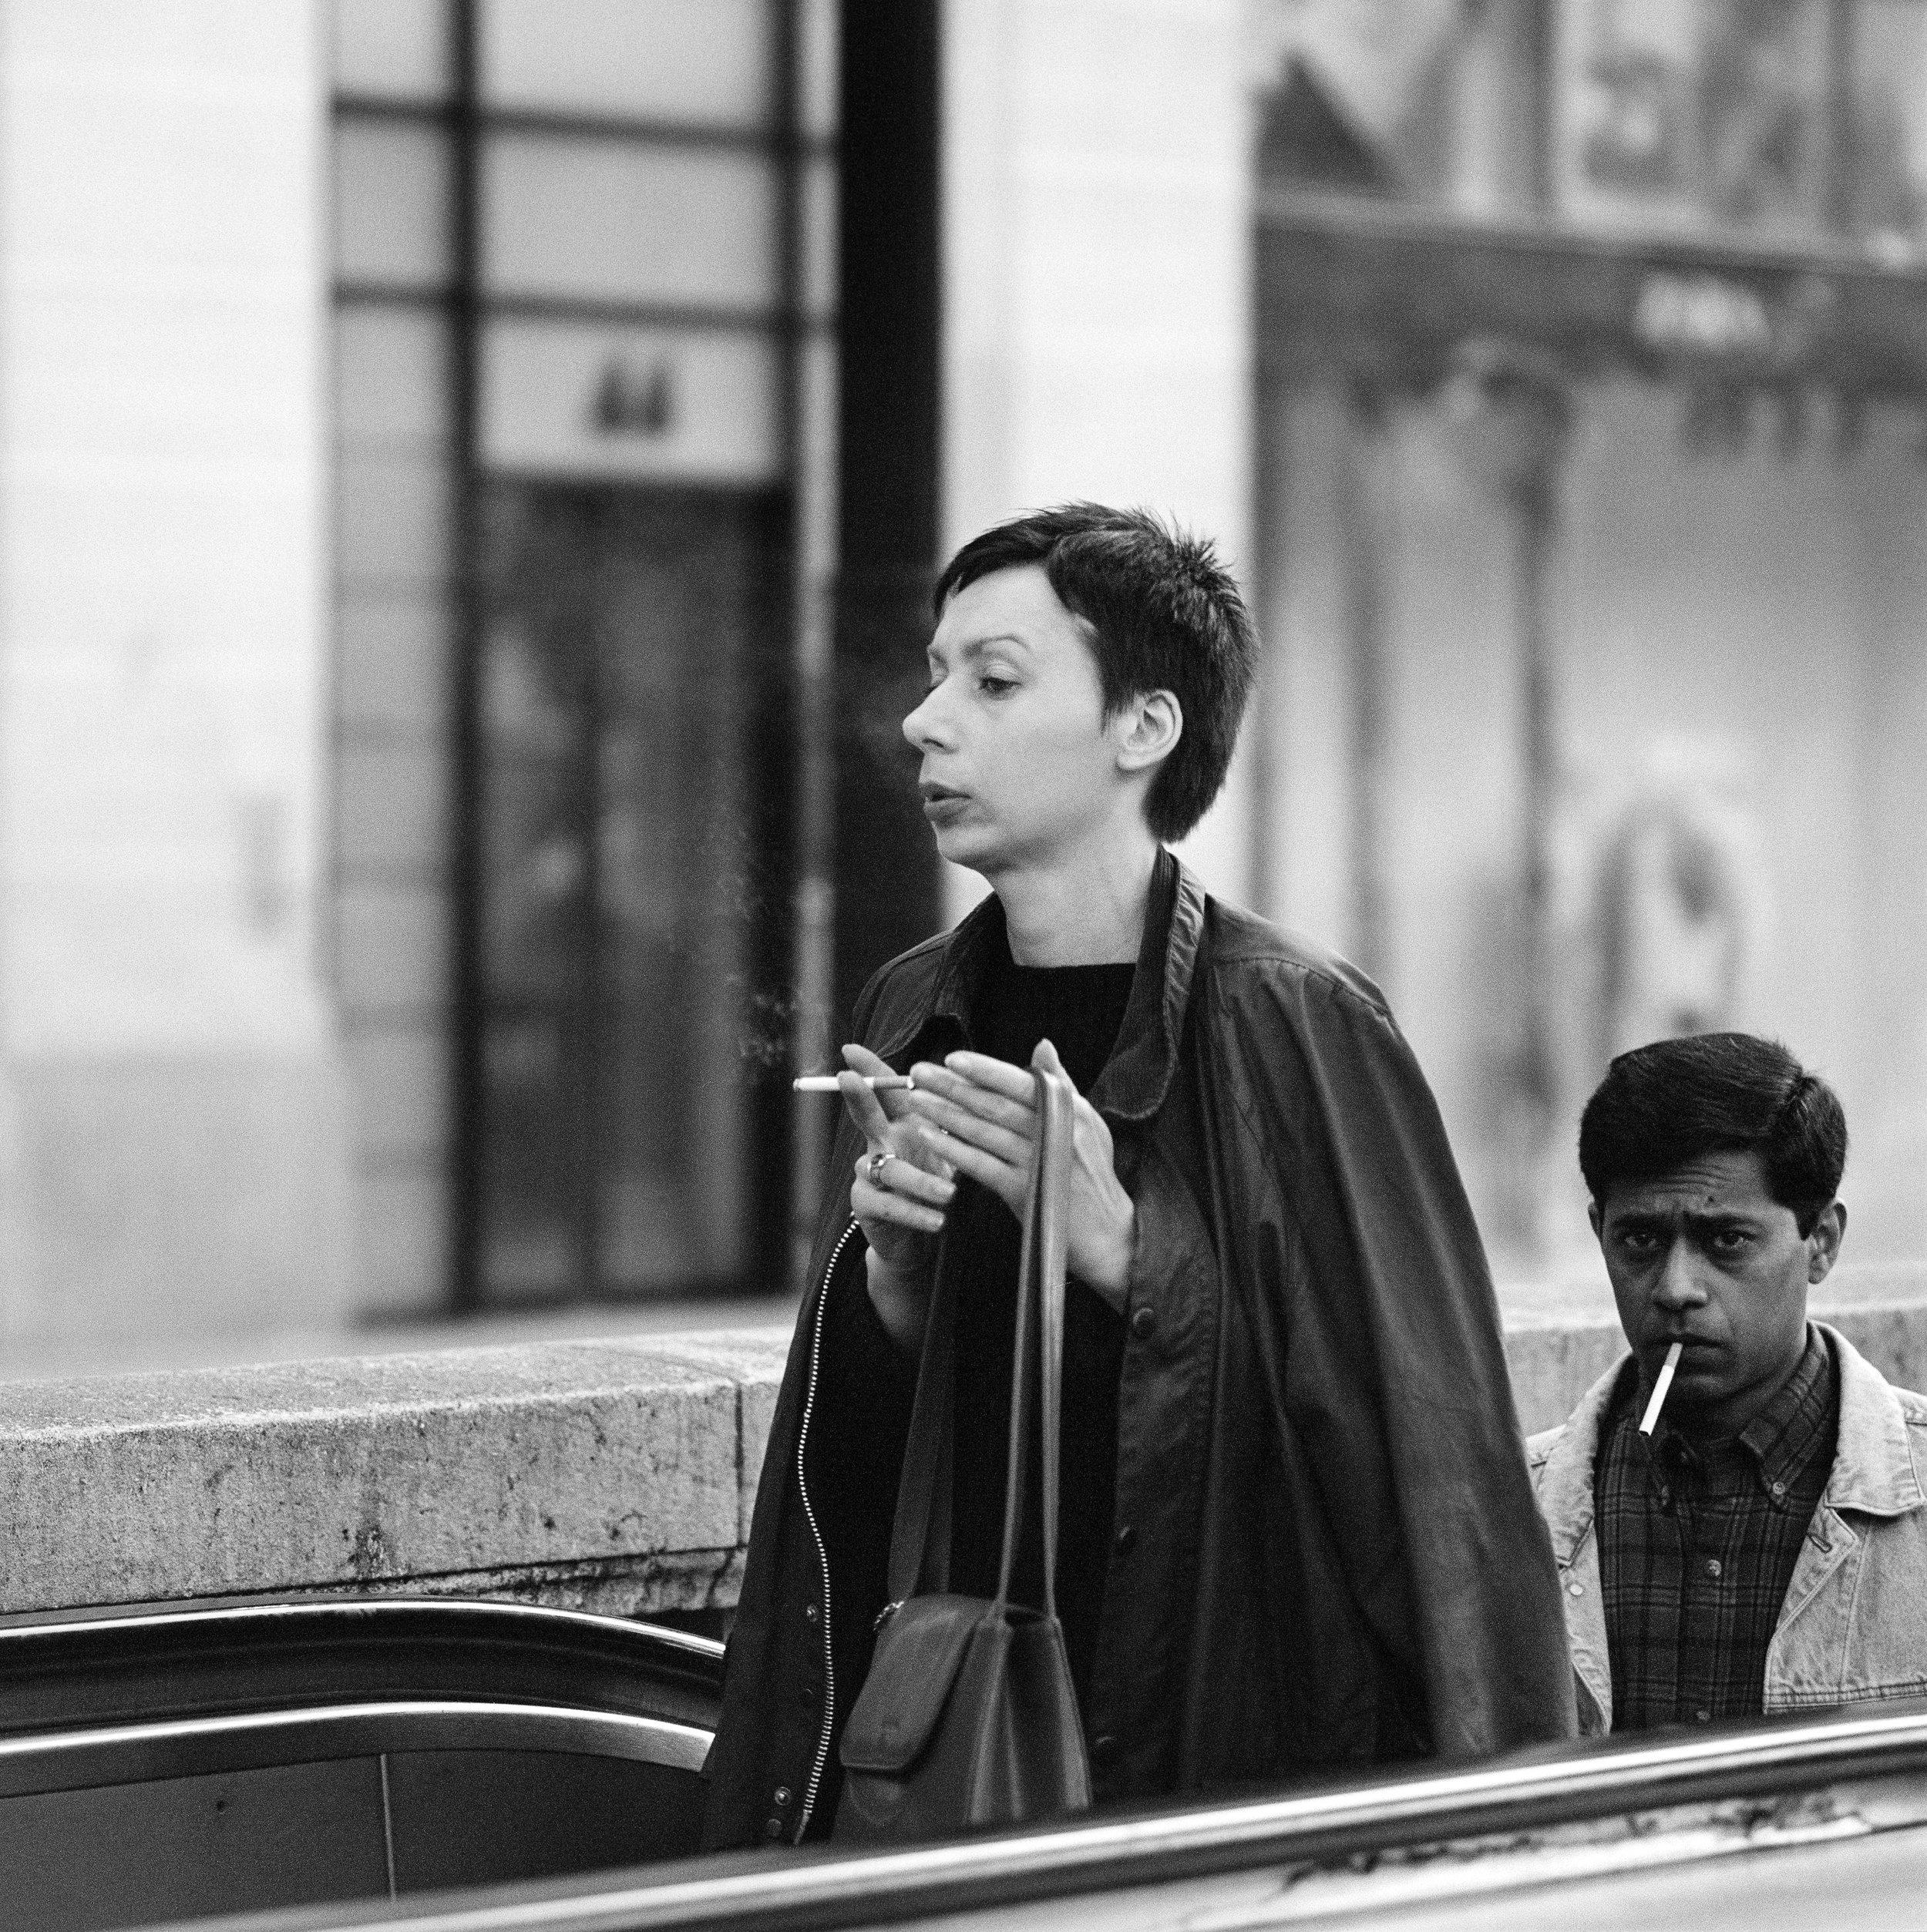 Financial worker, Champs Elysée, Paris, 2001